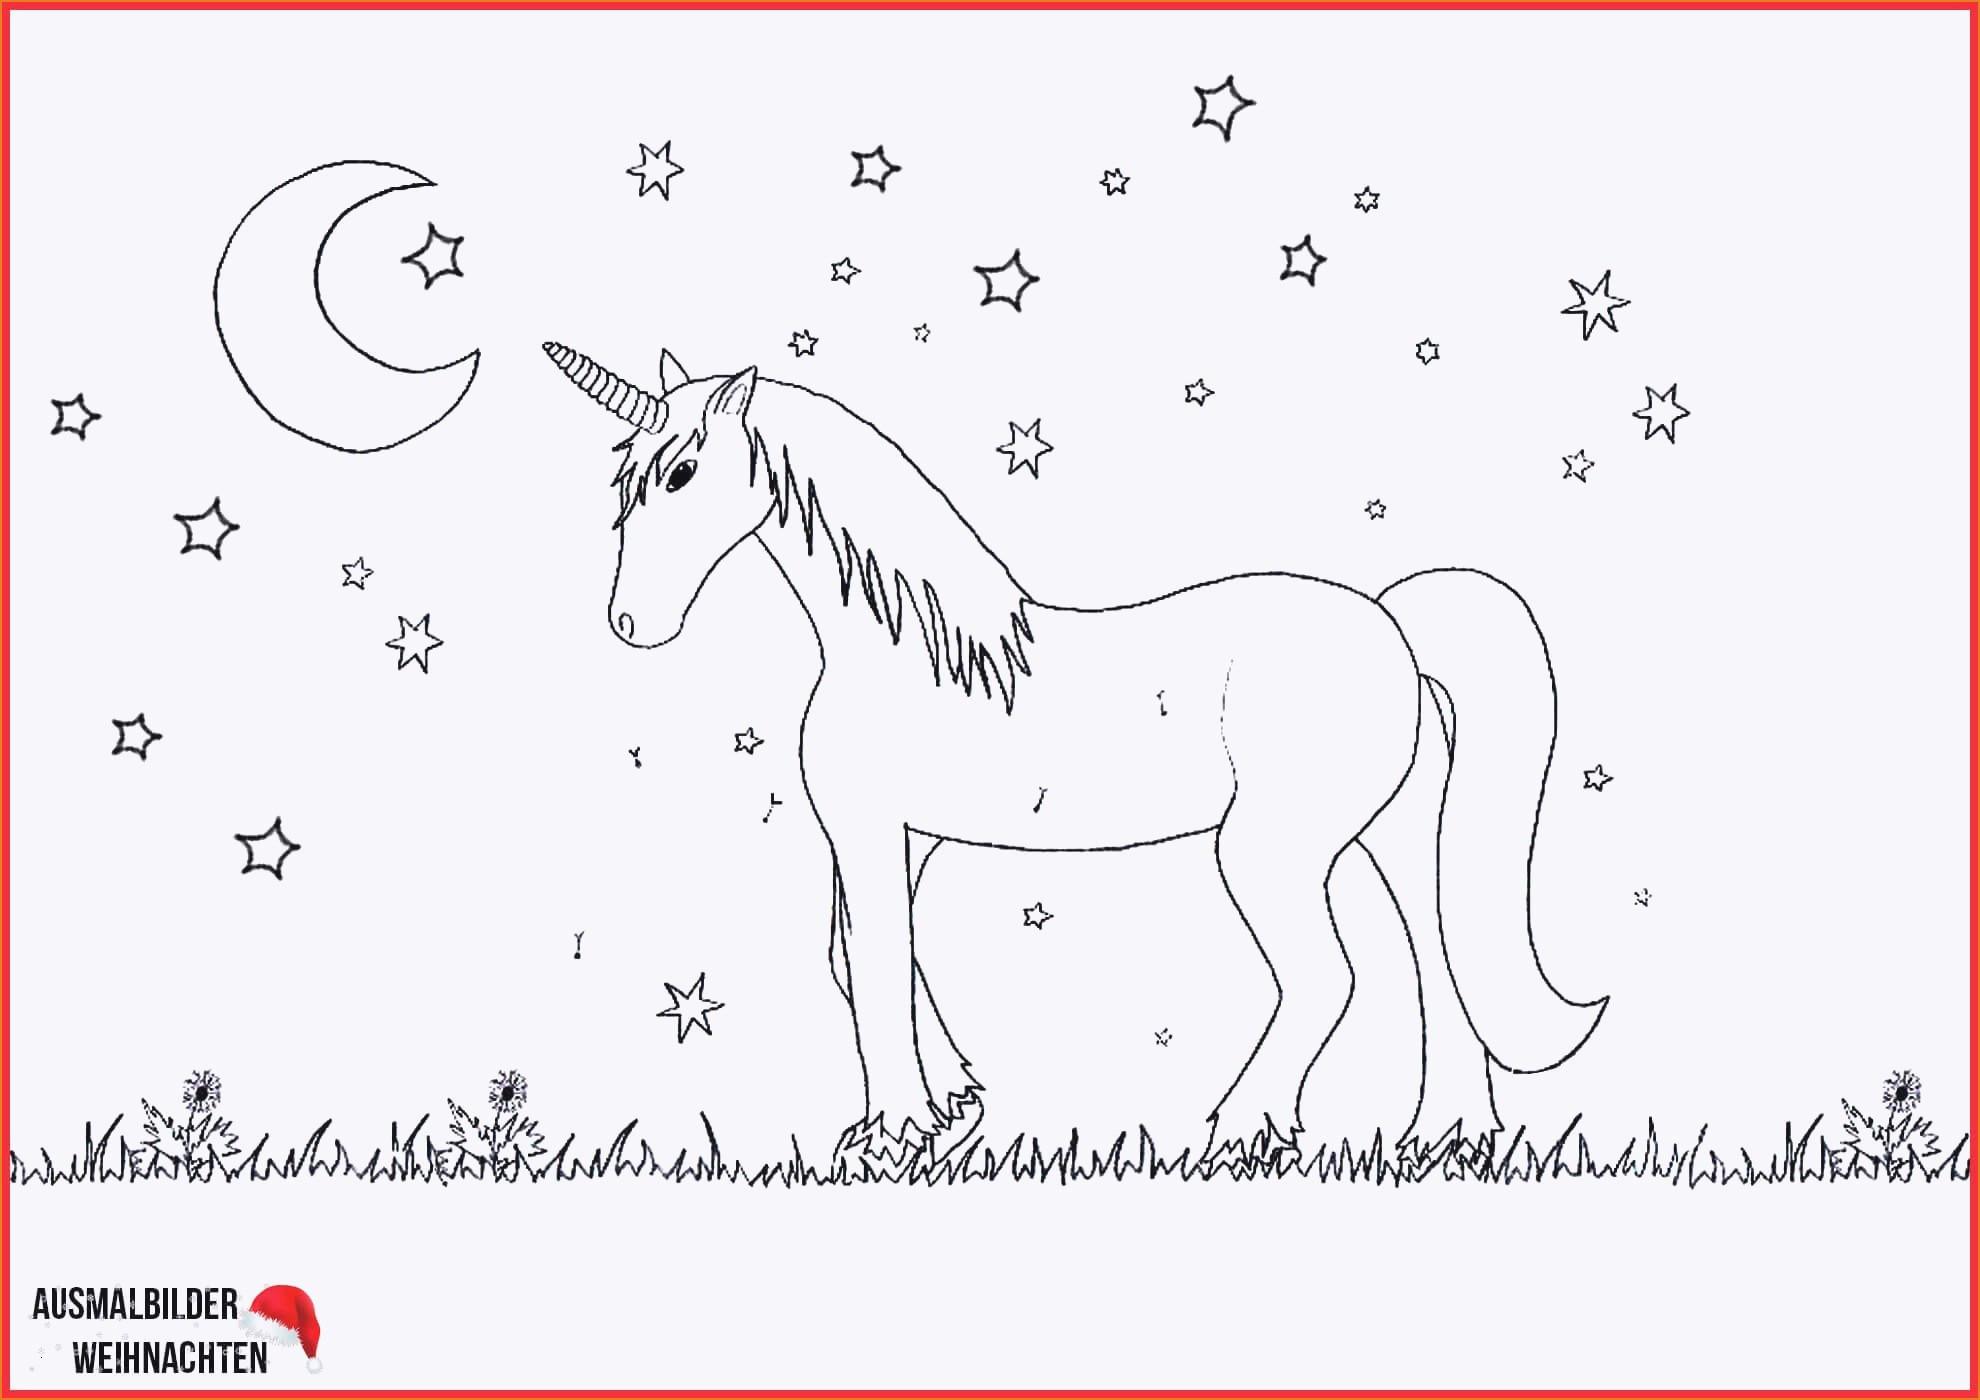 Malvorlagen Weihnachten Einzigartig Gratis Malvorlagen Zum Ausdrucken Herz Ausdrucken Kostenlos Xtd6 Bilder